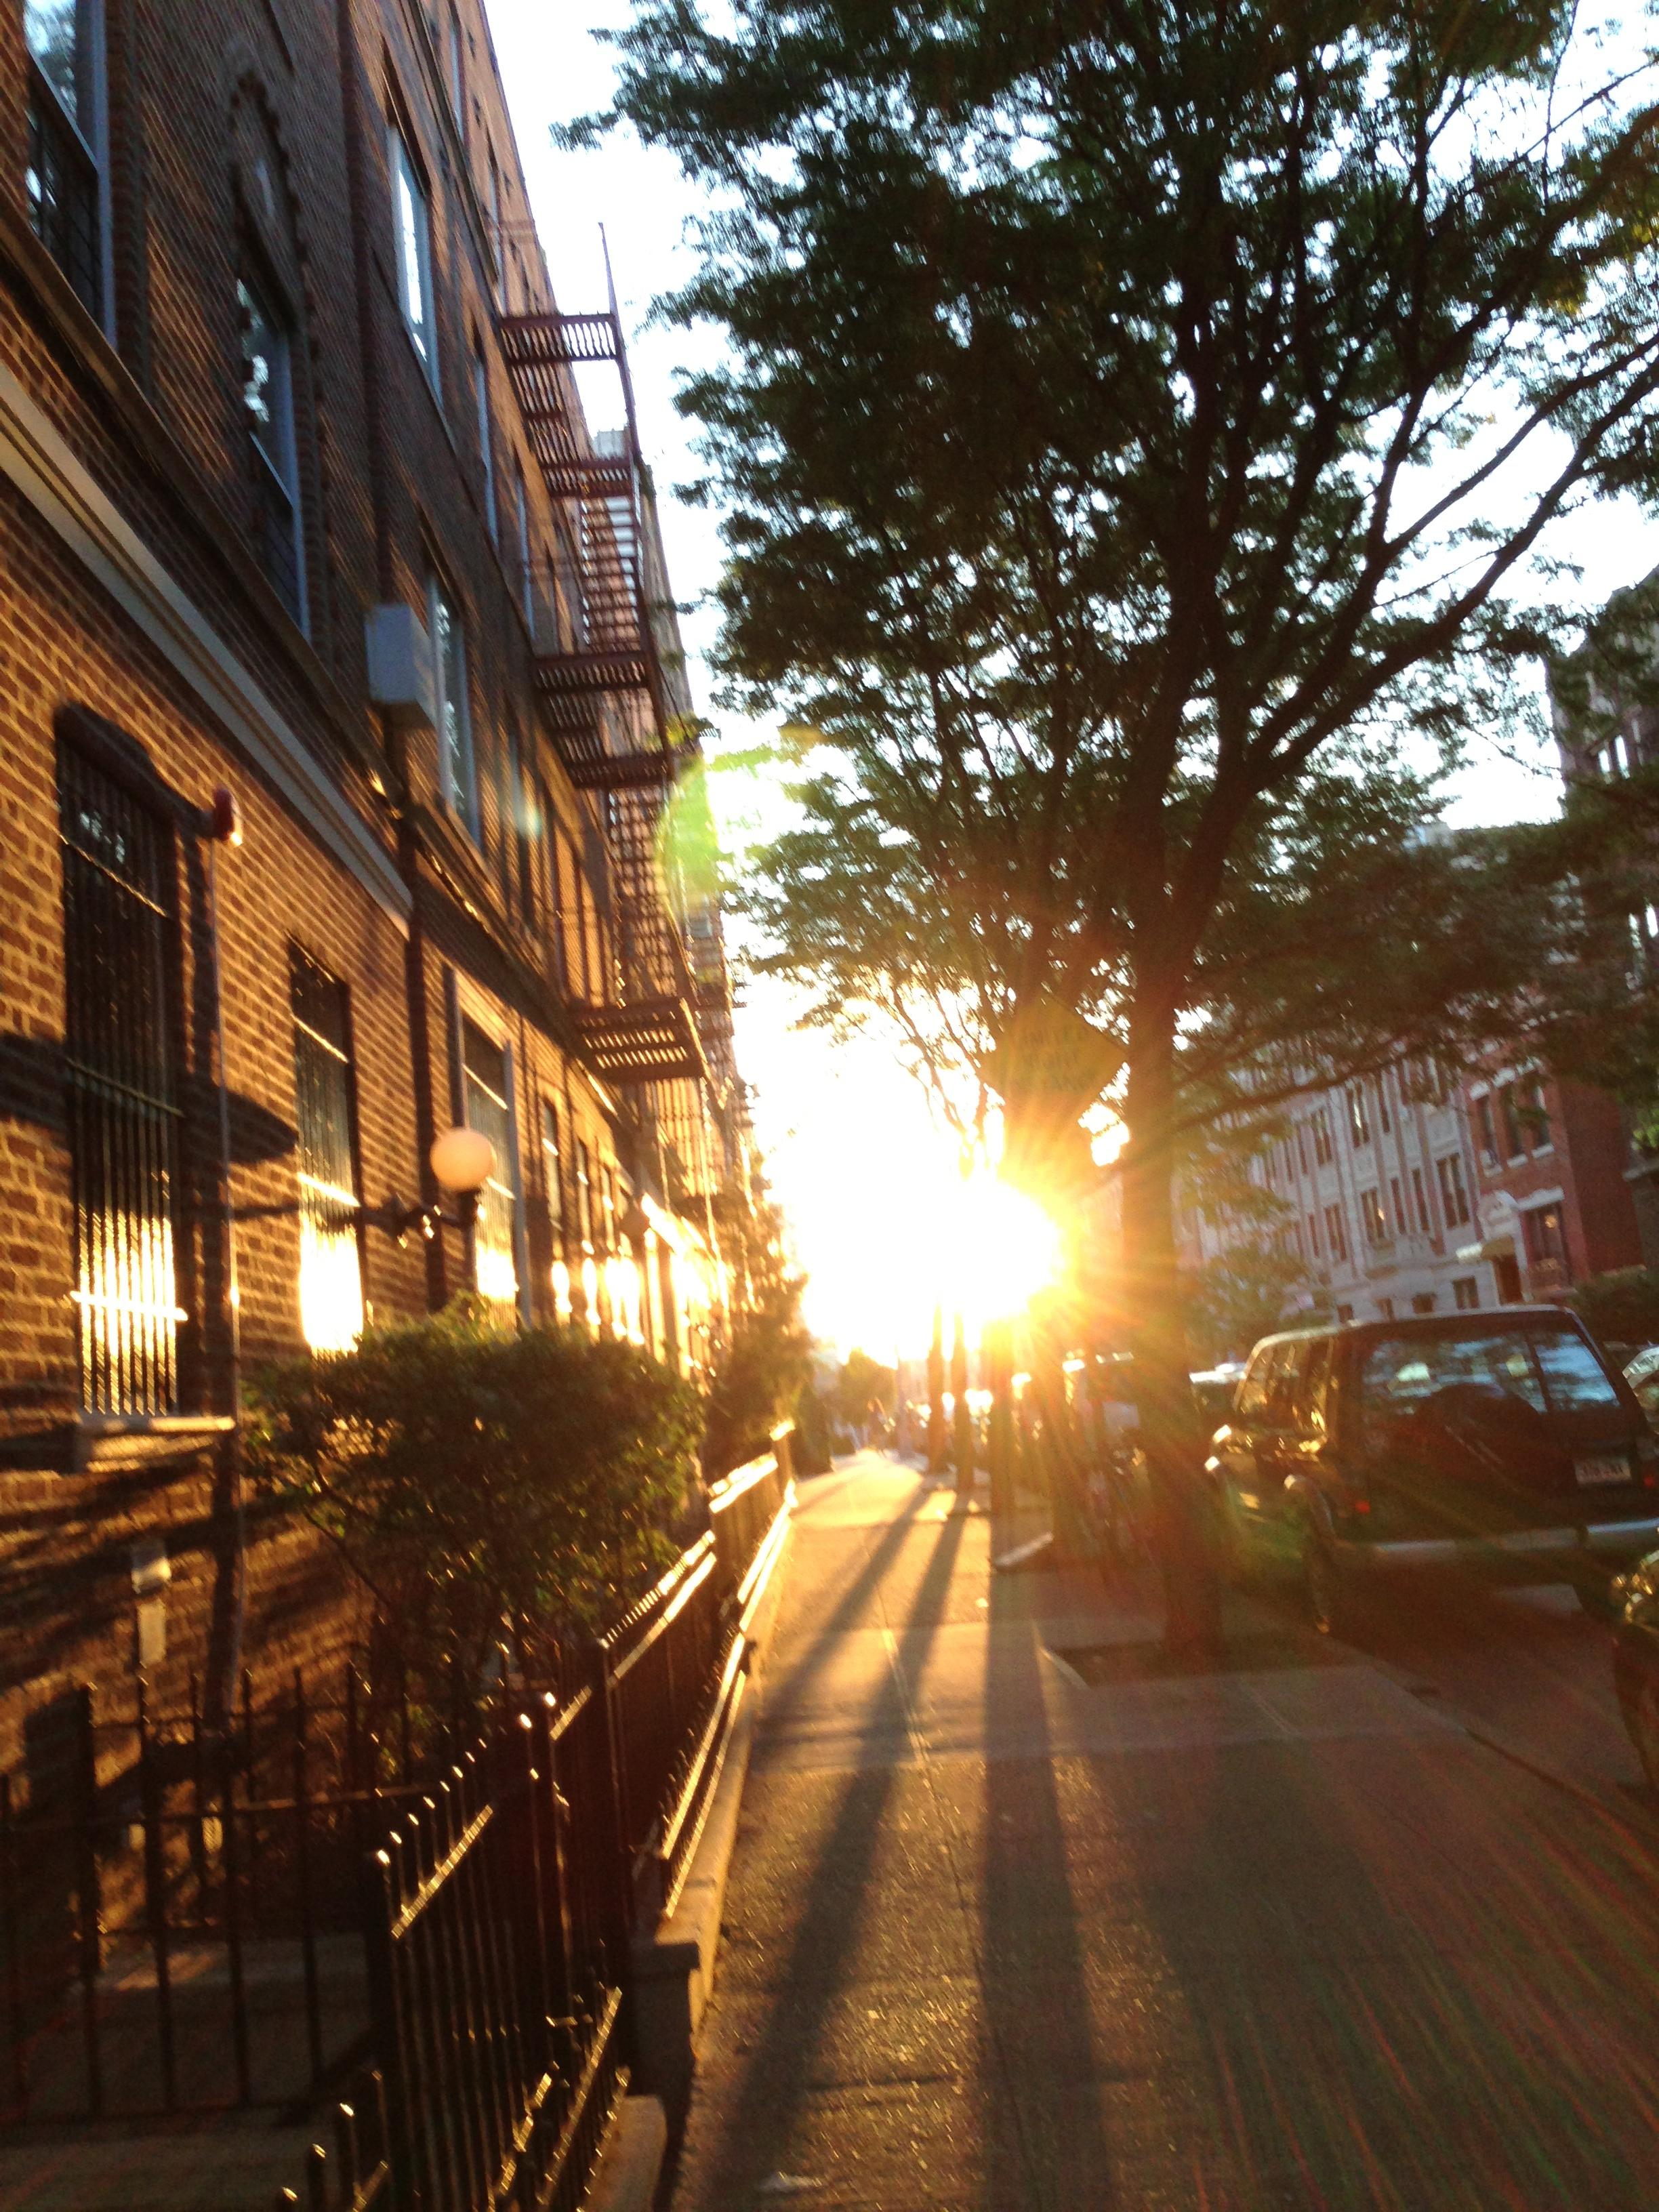 Brooklyn, NY, 7/30/13